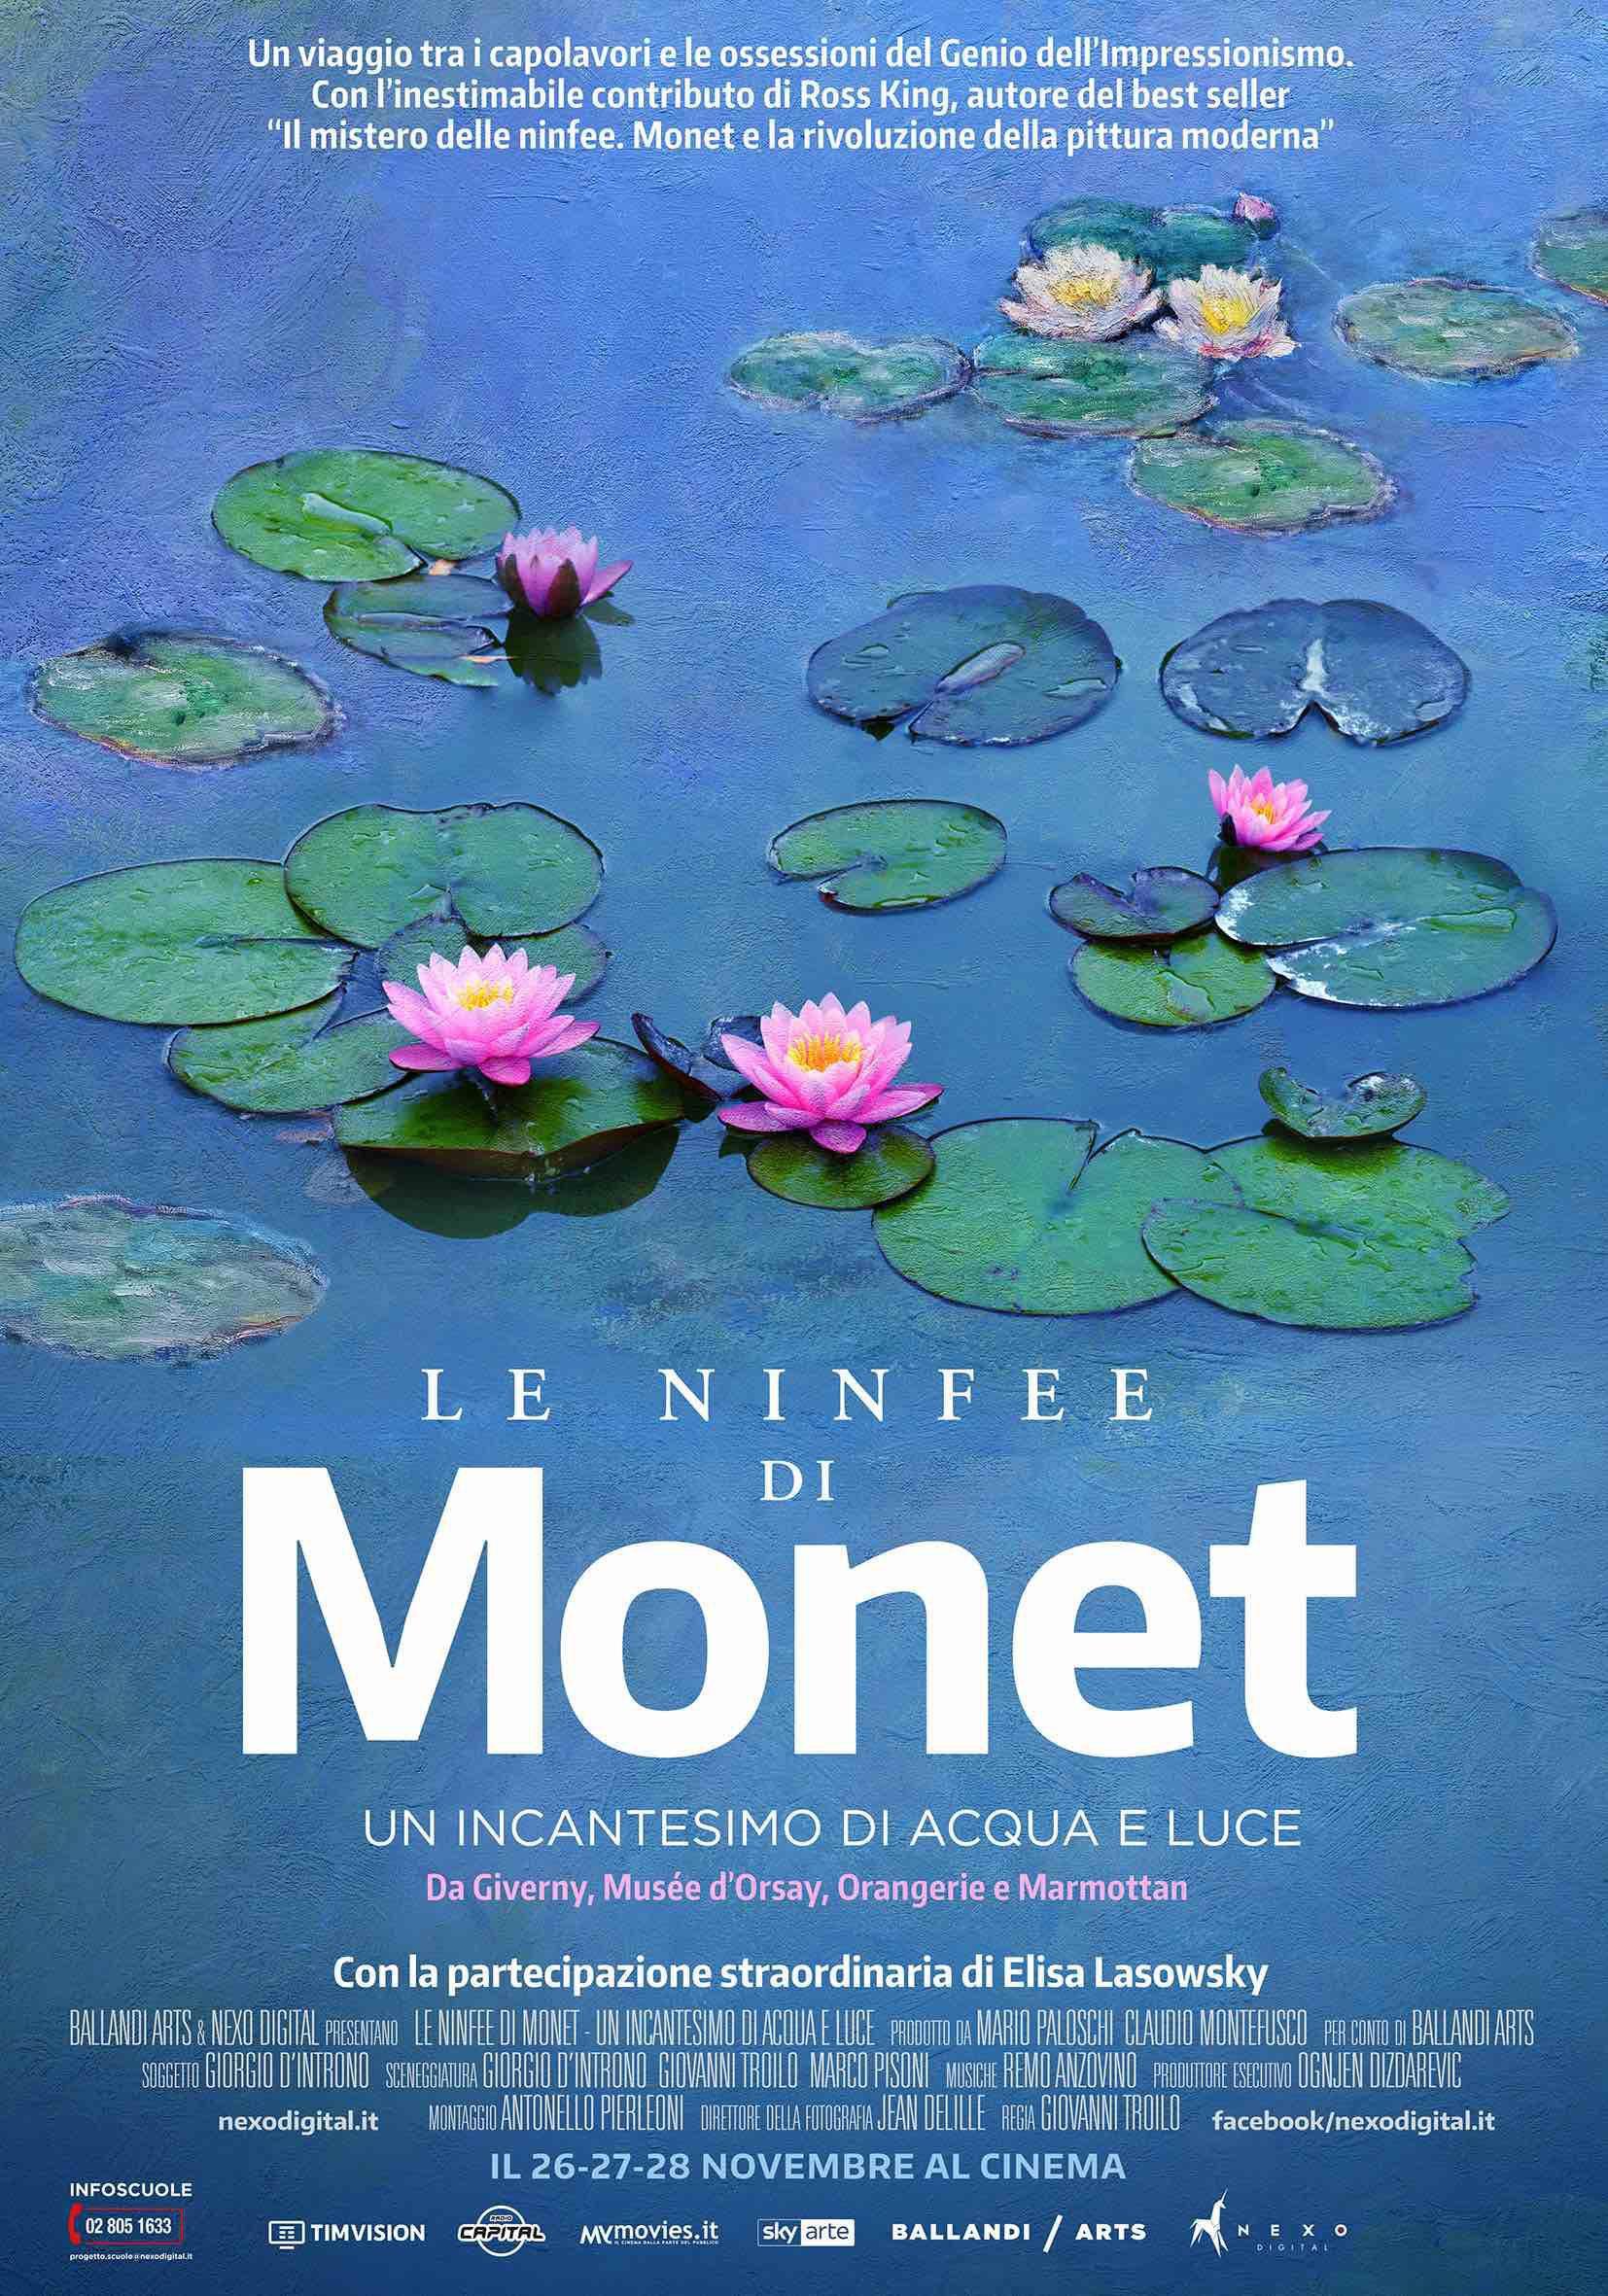 MONET_POSTER_100x140